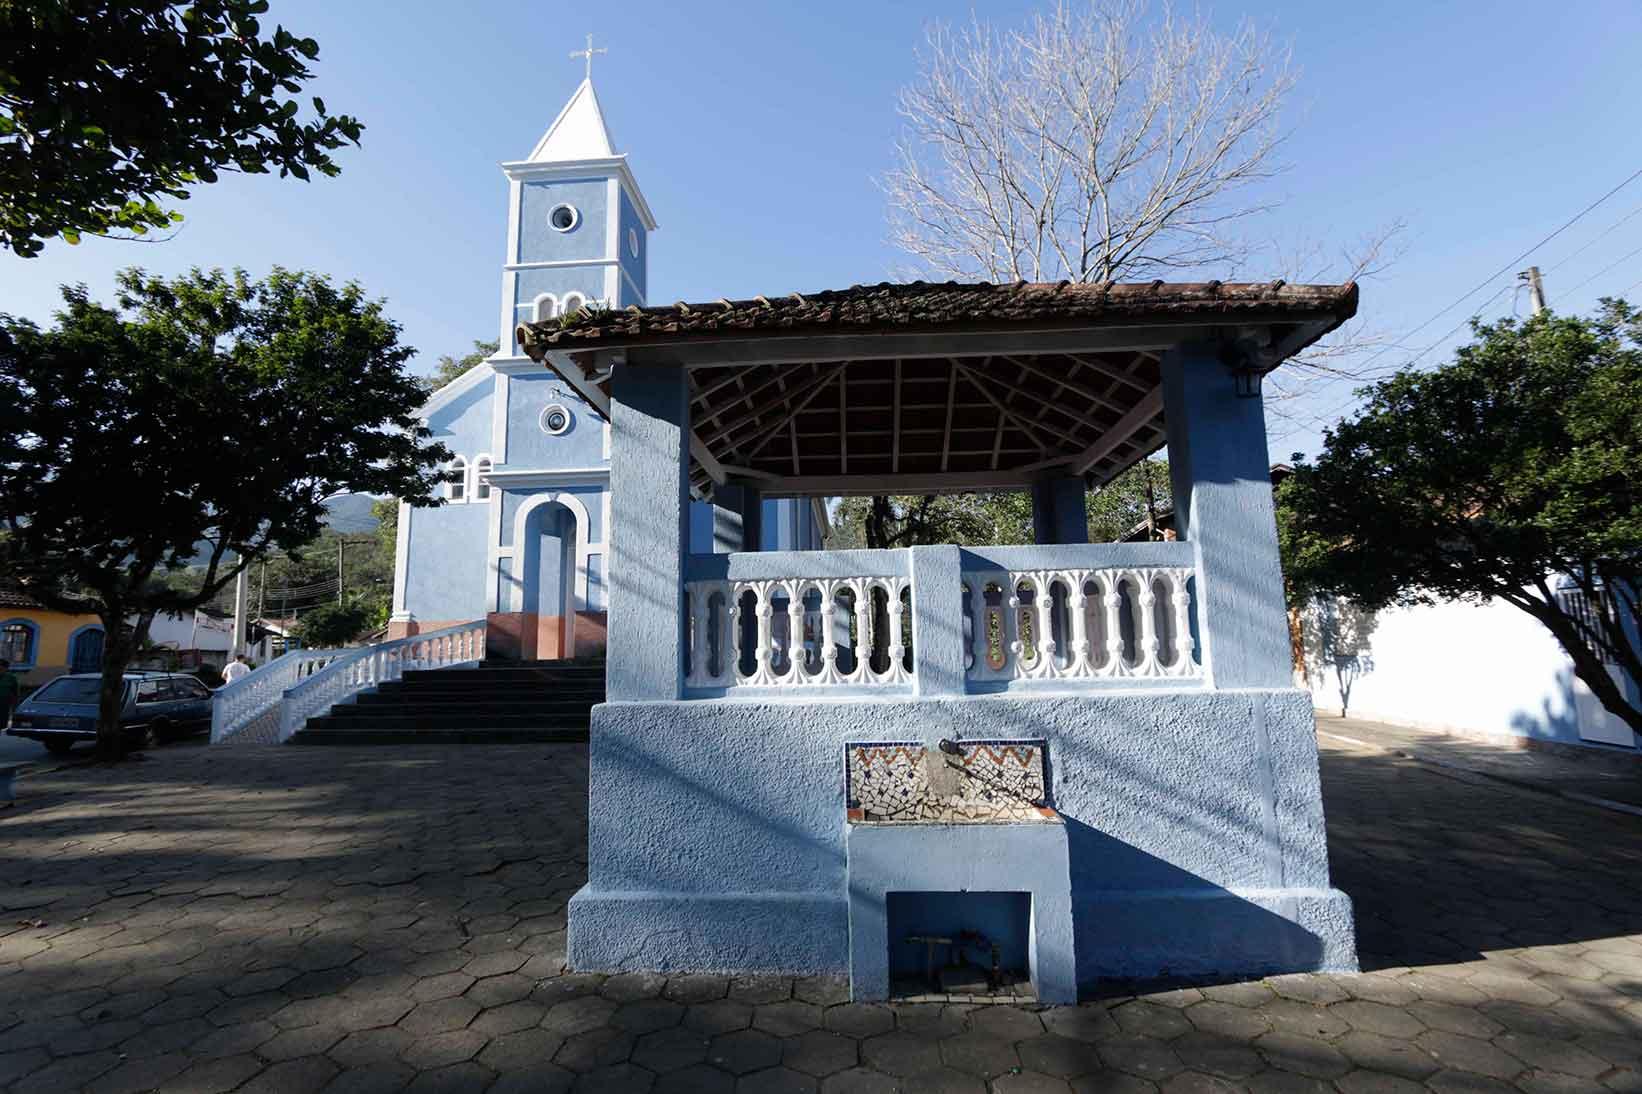 Capela Santa Rita de Cássia-Monteiro-Lobato-Turismo-Religioso-Capela-Santa-Rita-de-Cassia-_MG_7503-bx